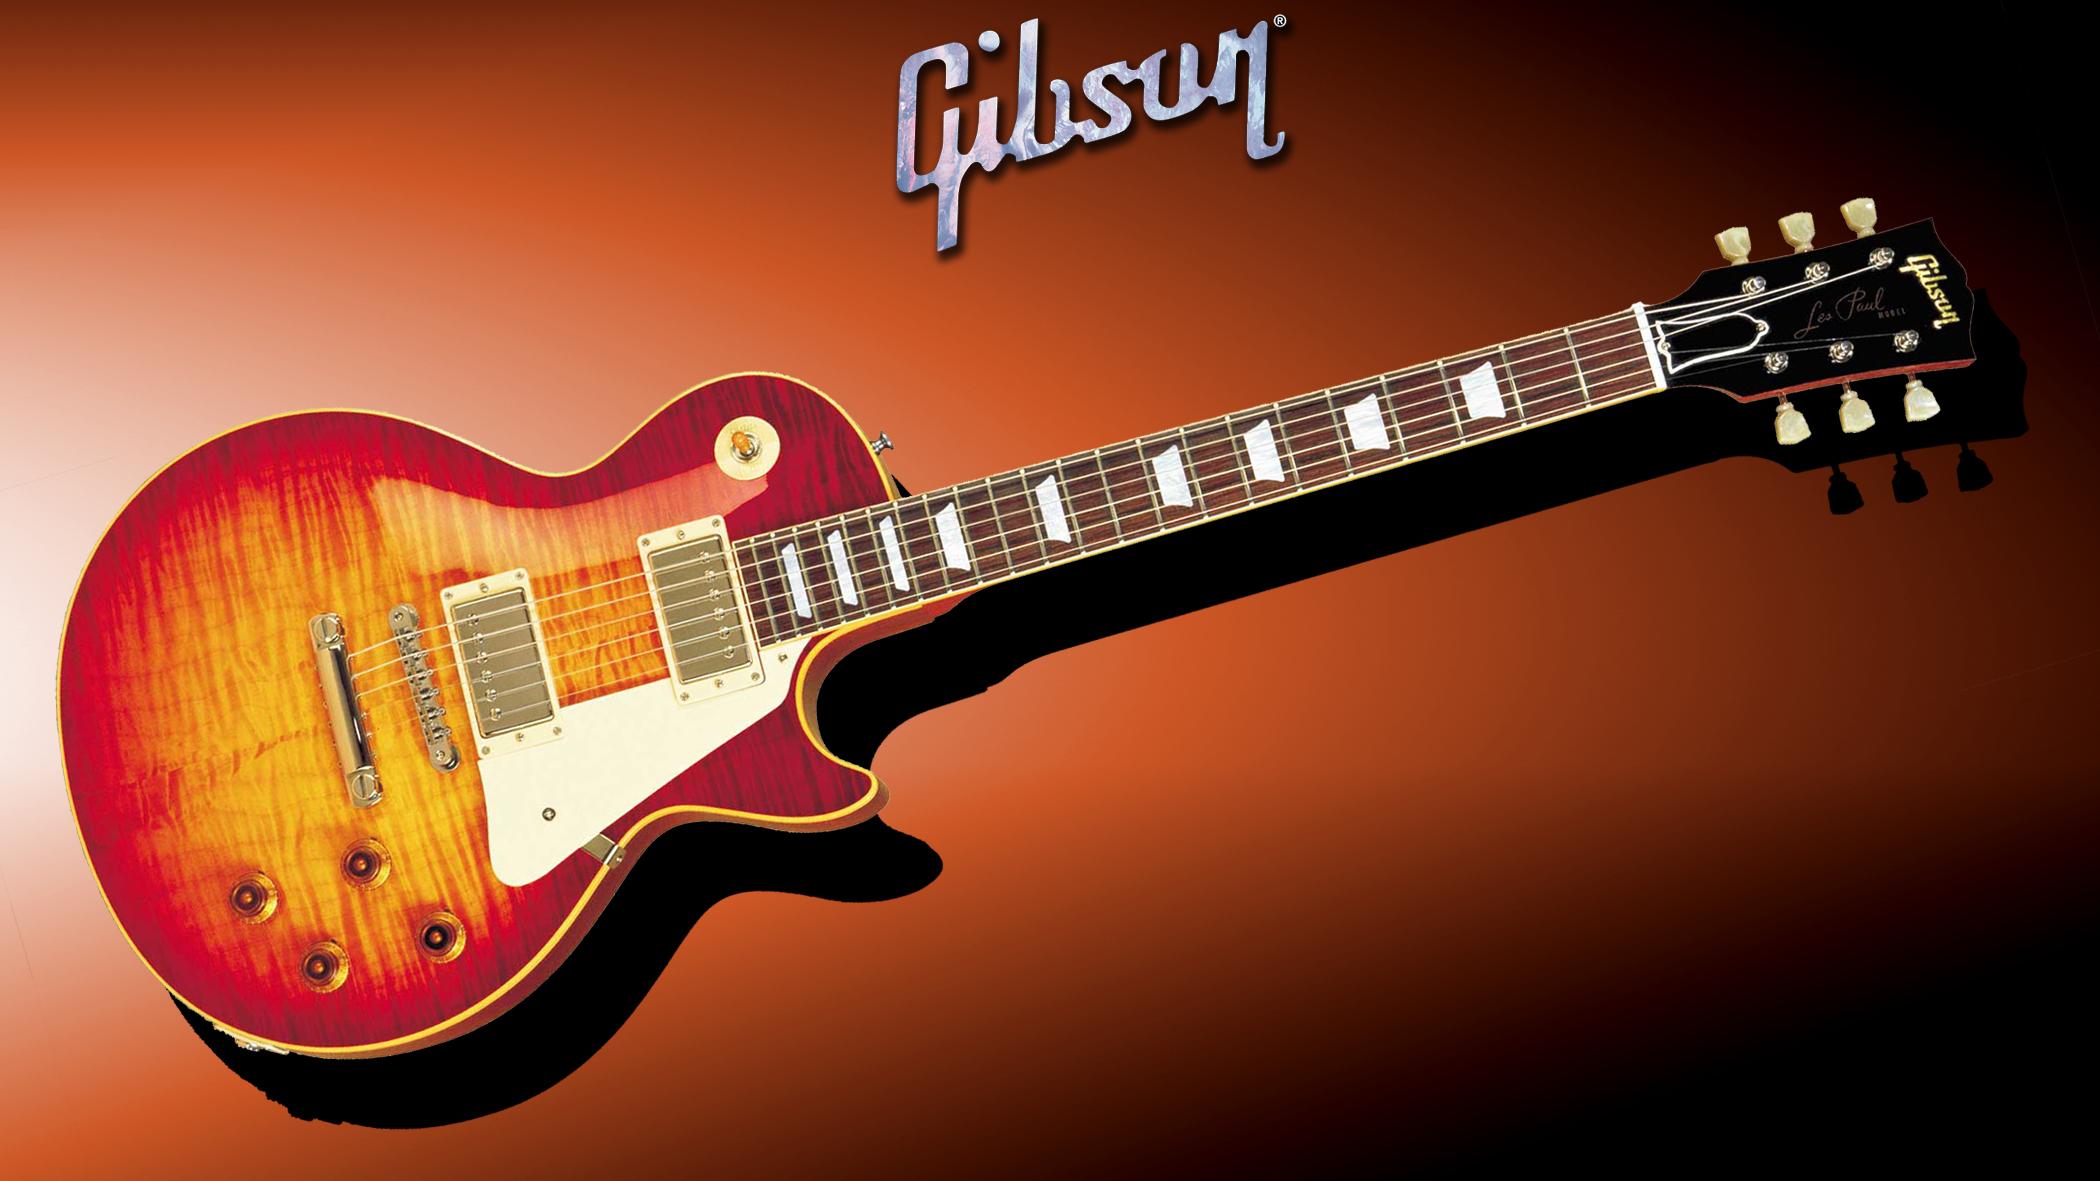 guitar wallpaper les paul - photo #25